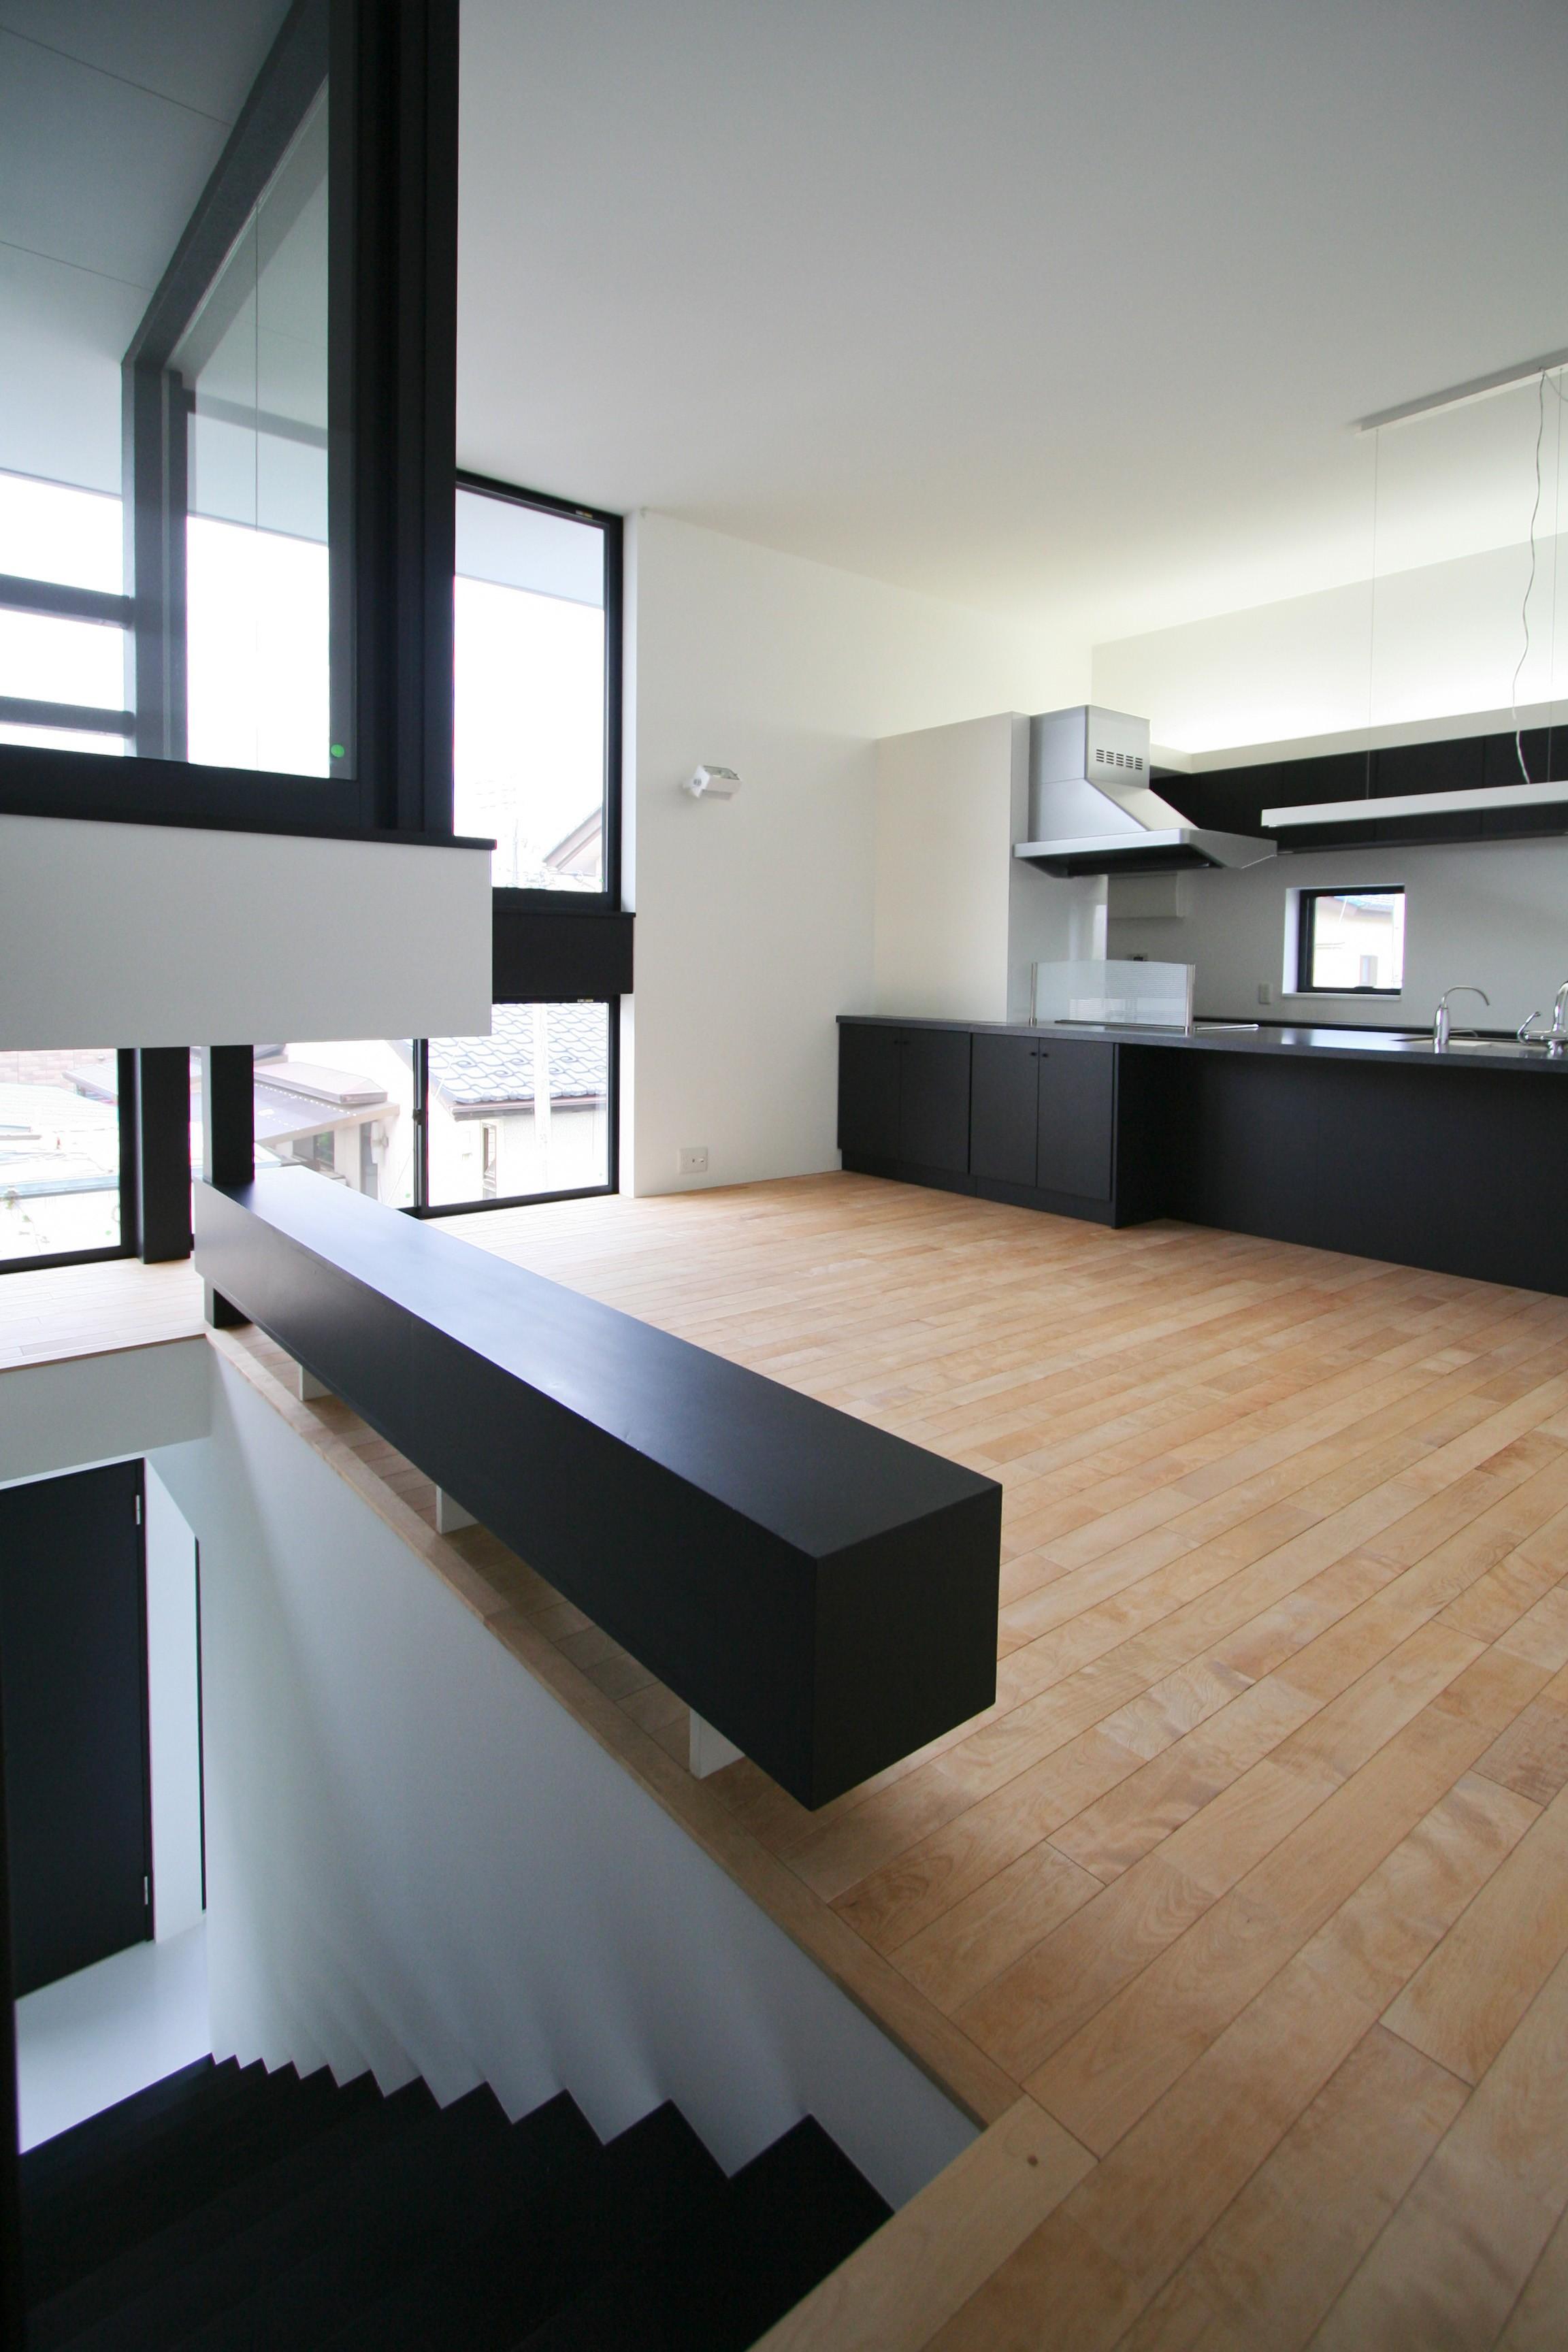 リビングダイニング事例:2階リビング(ミニマルデザインのハコ型の家)